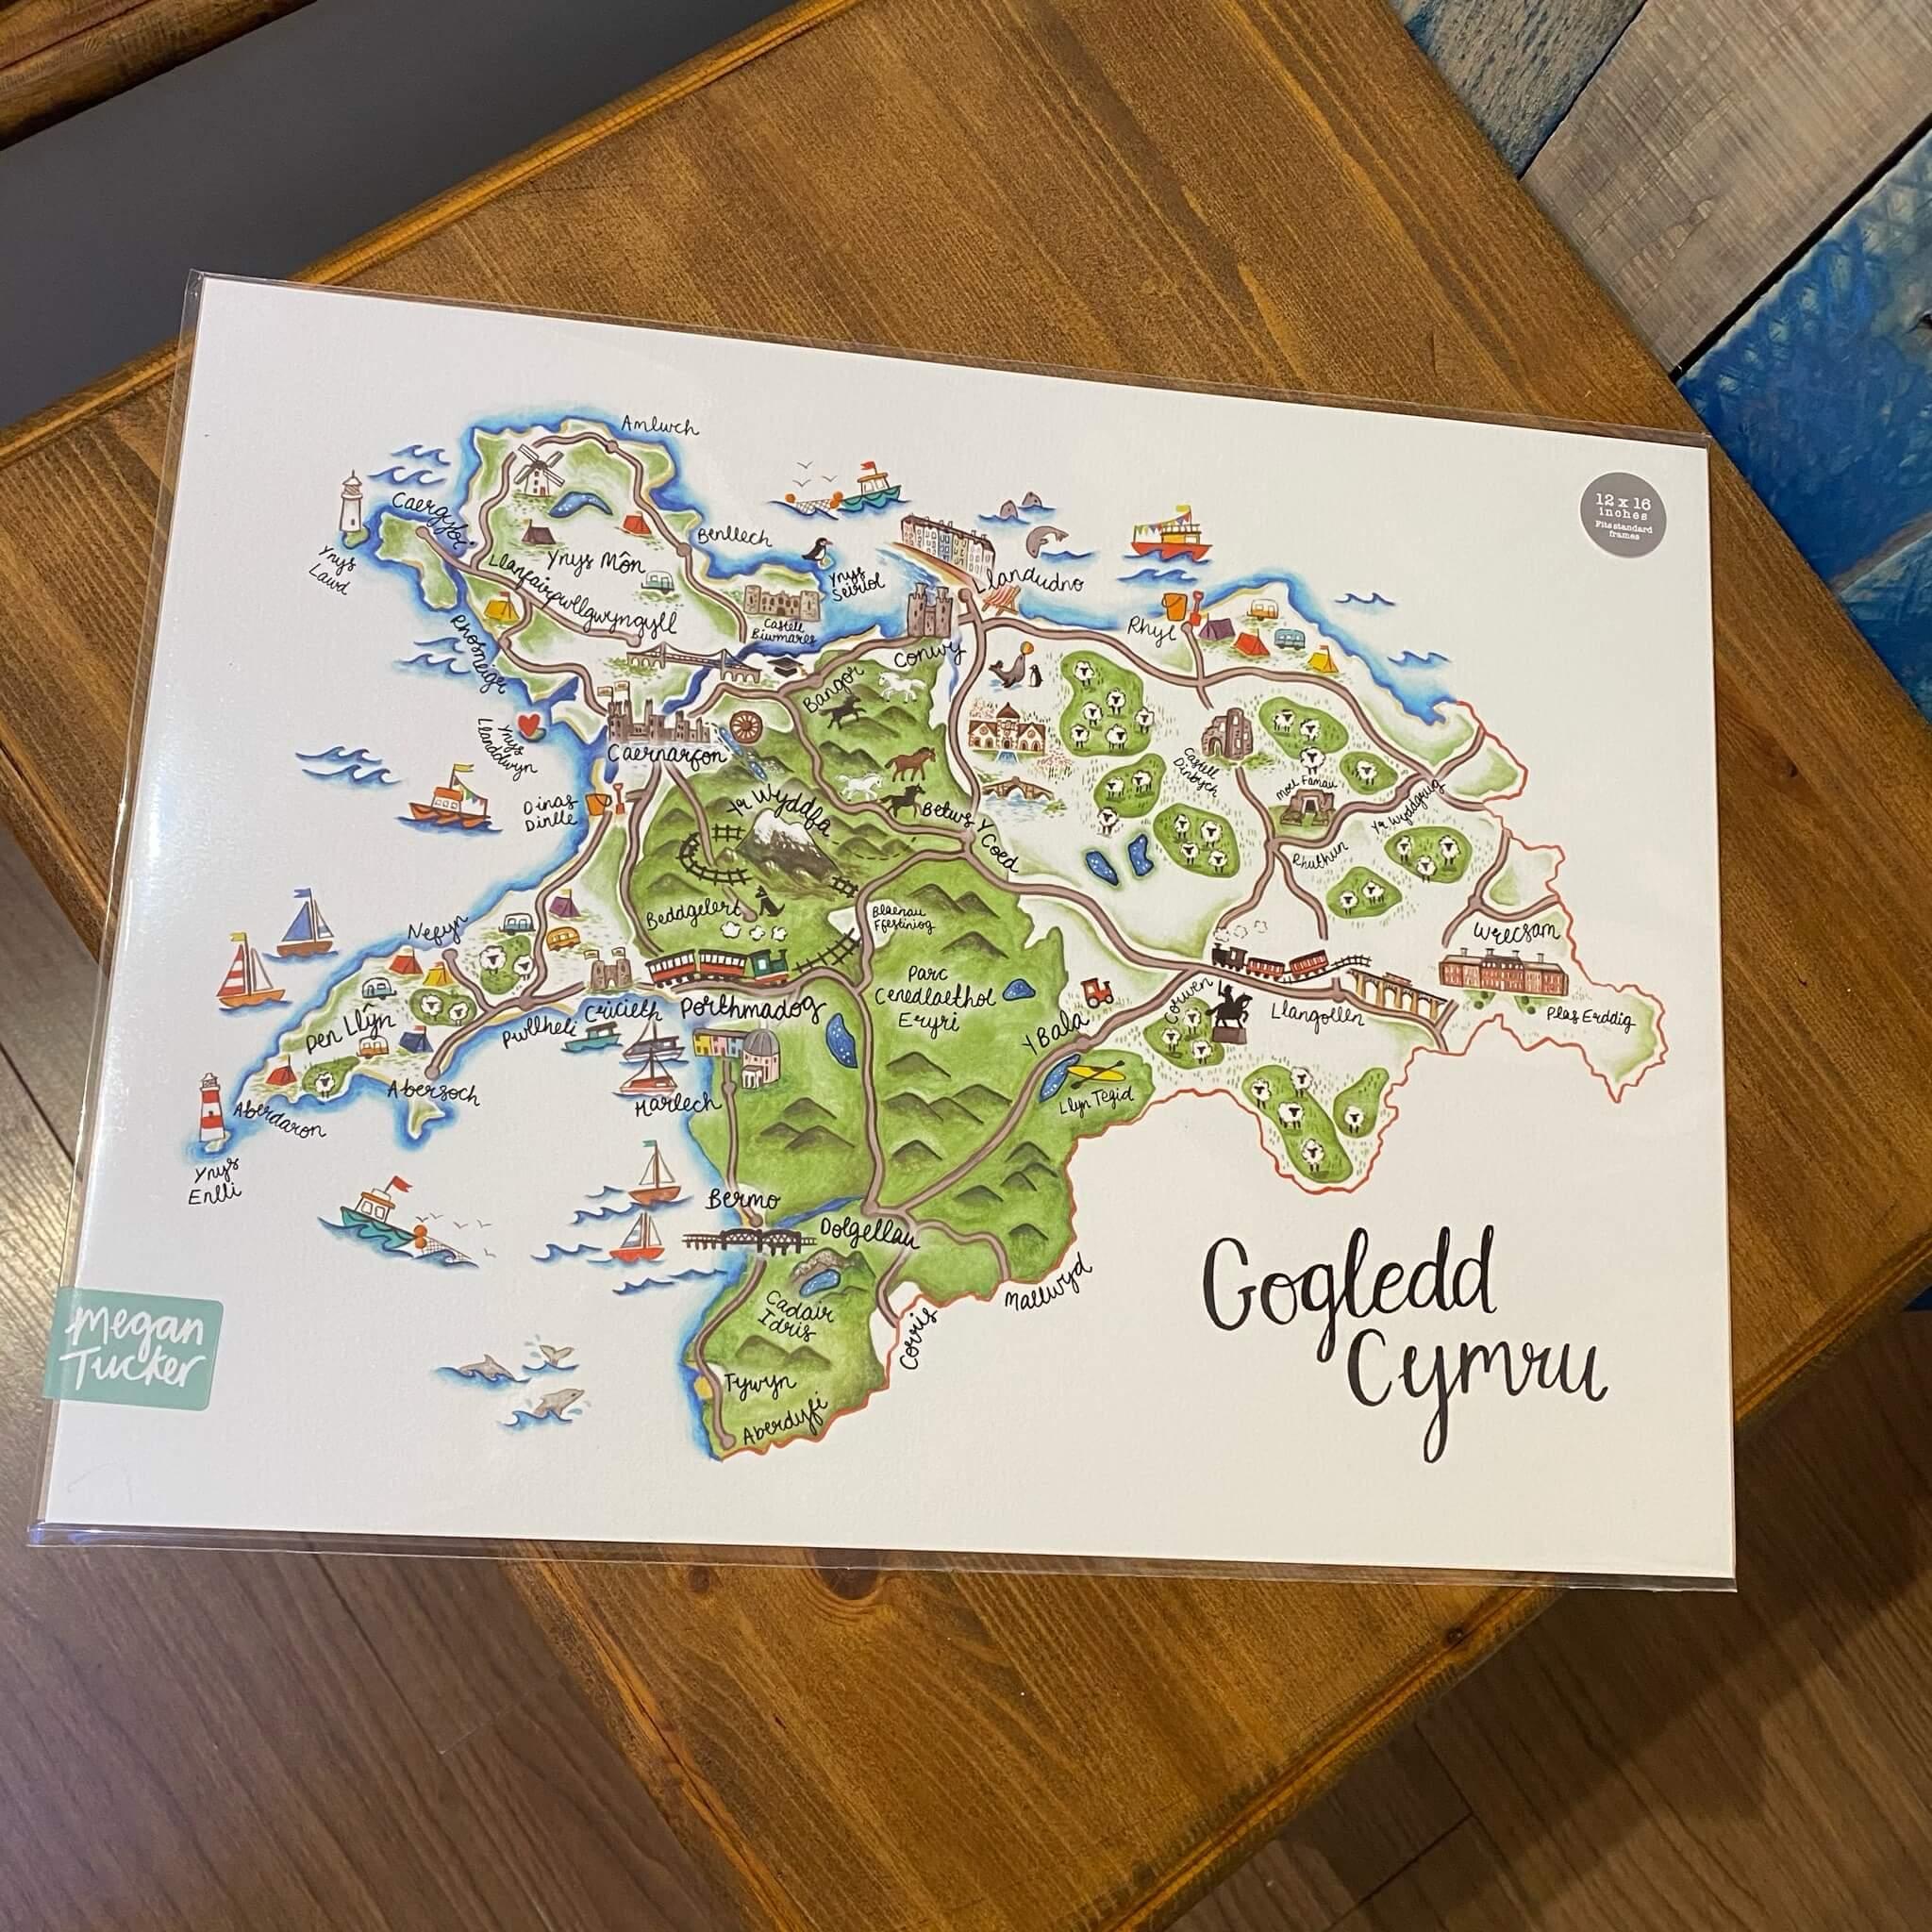 Gogledd Cymru Map Print